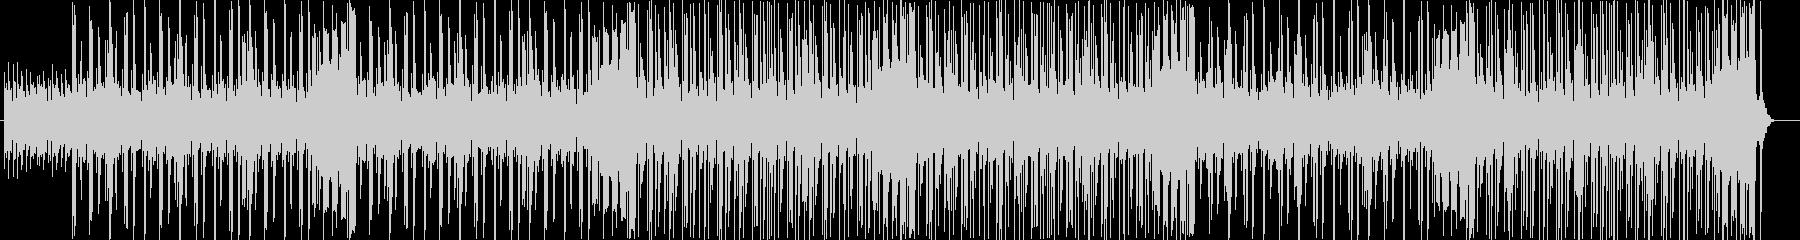 チャーミングな旋律のエレポップの未再生の波形